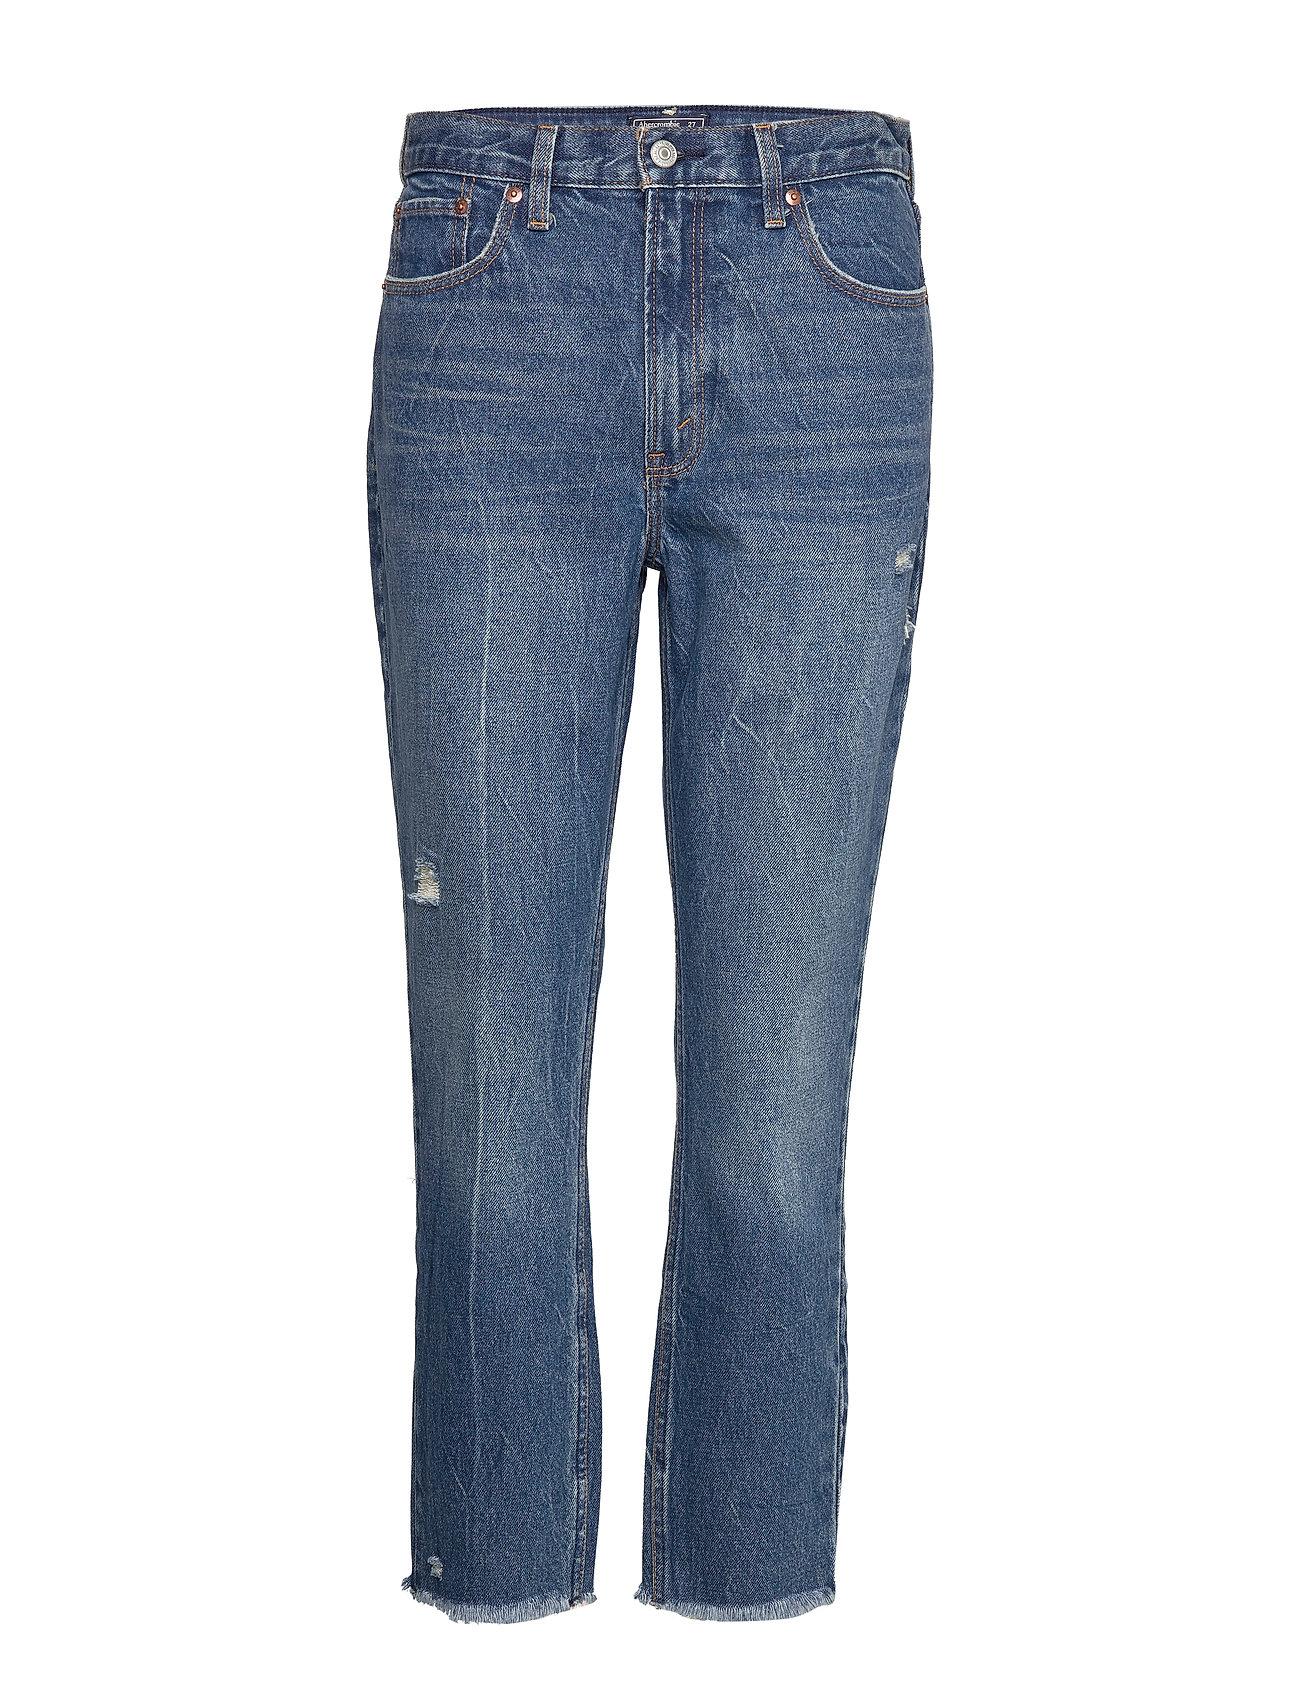 Abercrombie & Fitch Dark Wash Mom Jeans (Dark Destroy), 339.50